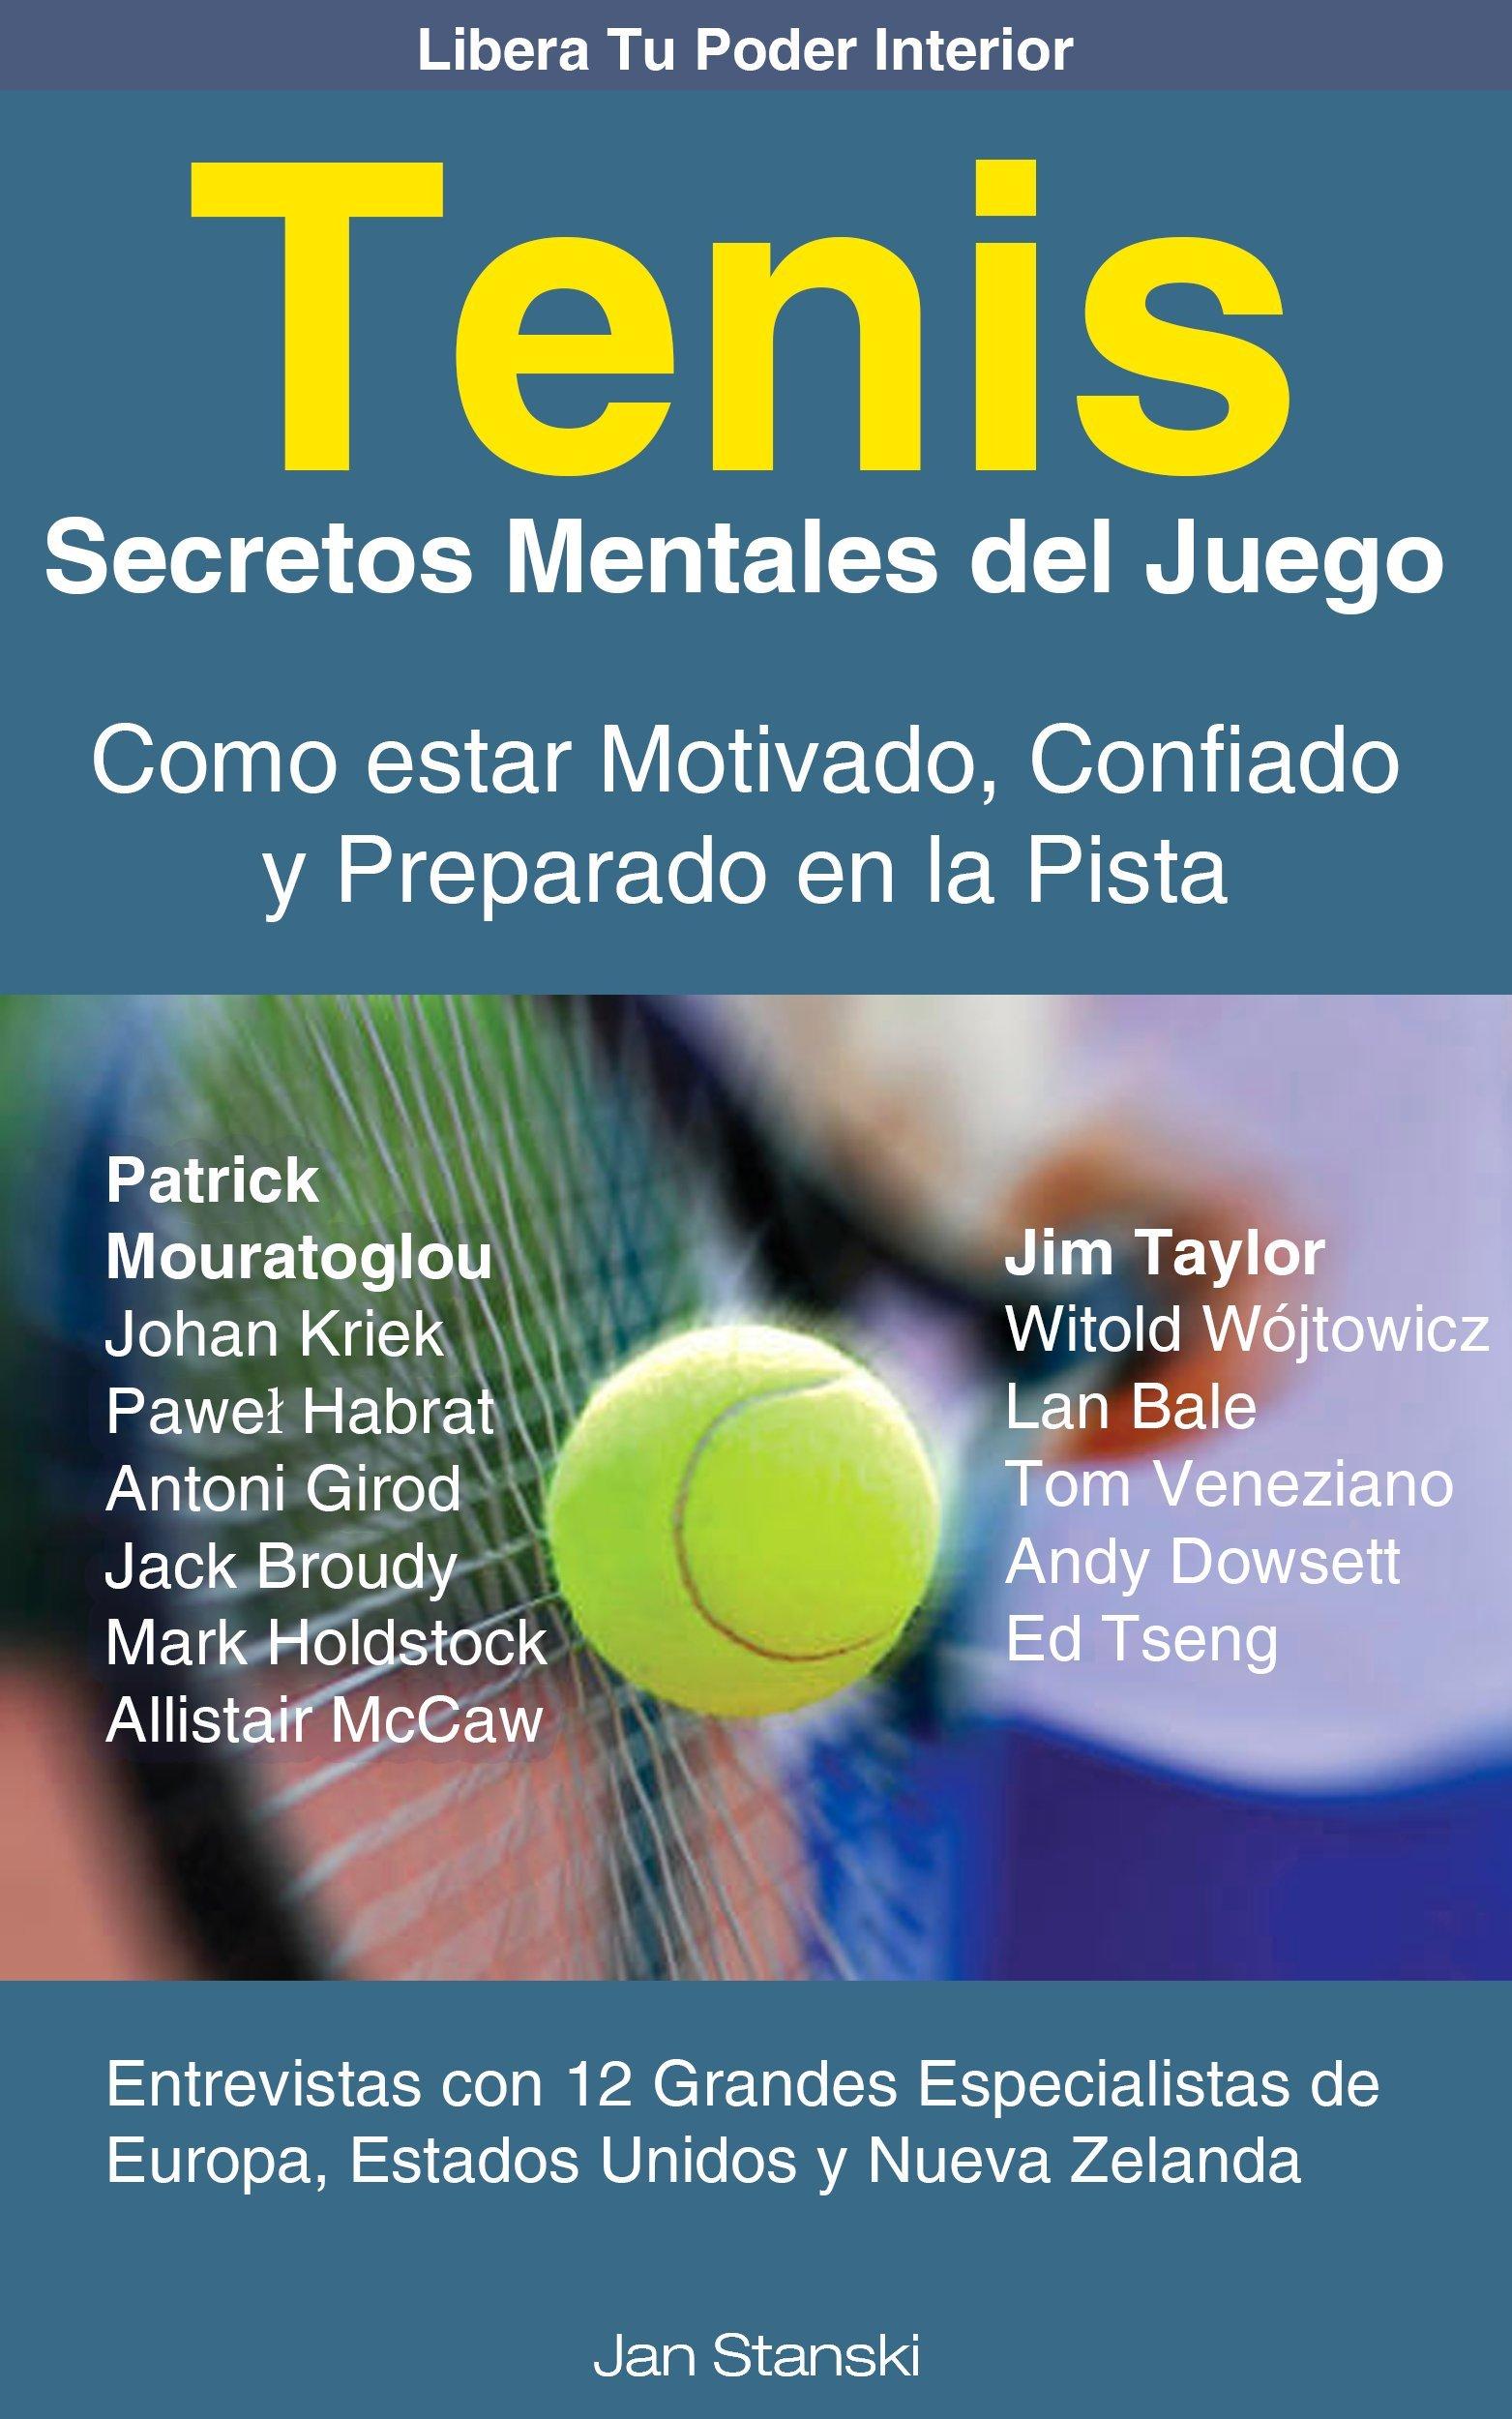 Tenis - Secretos Mentales del Juego - Como estar Motivado, Confiado y Preparado en la Pista